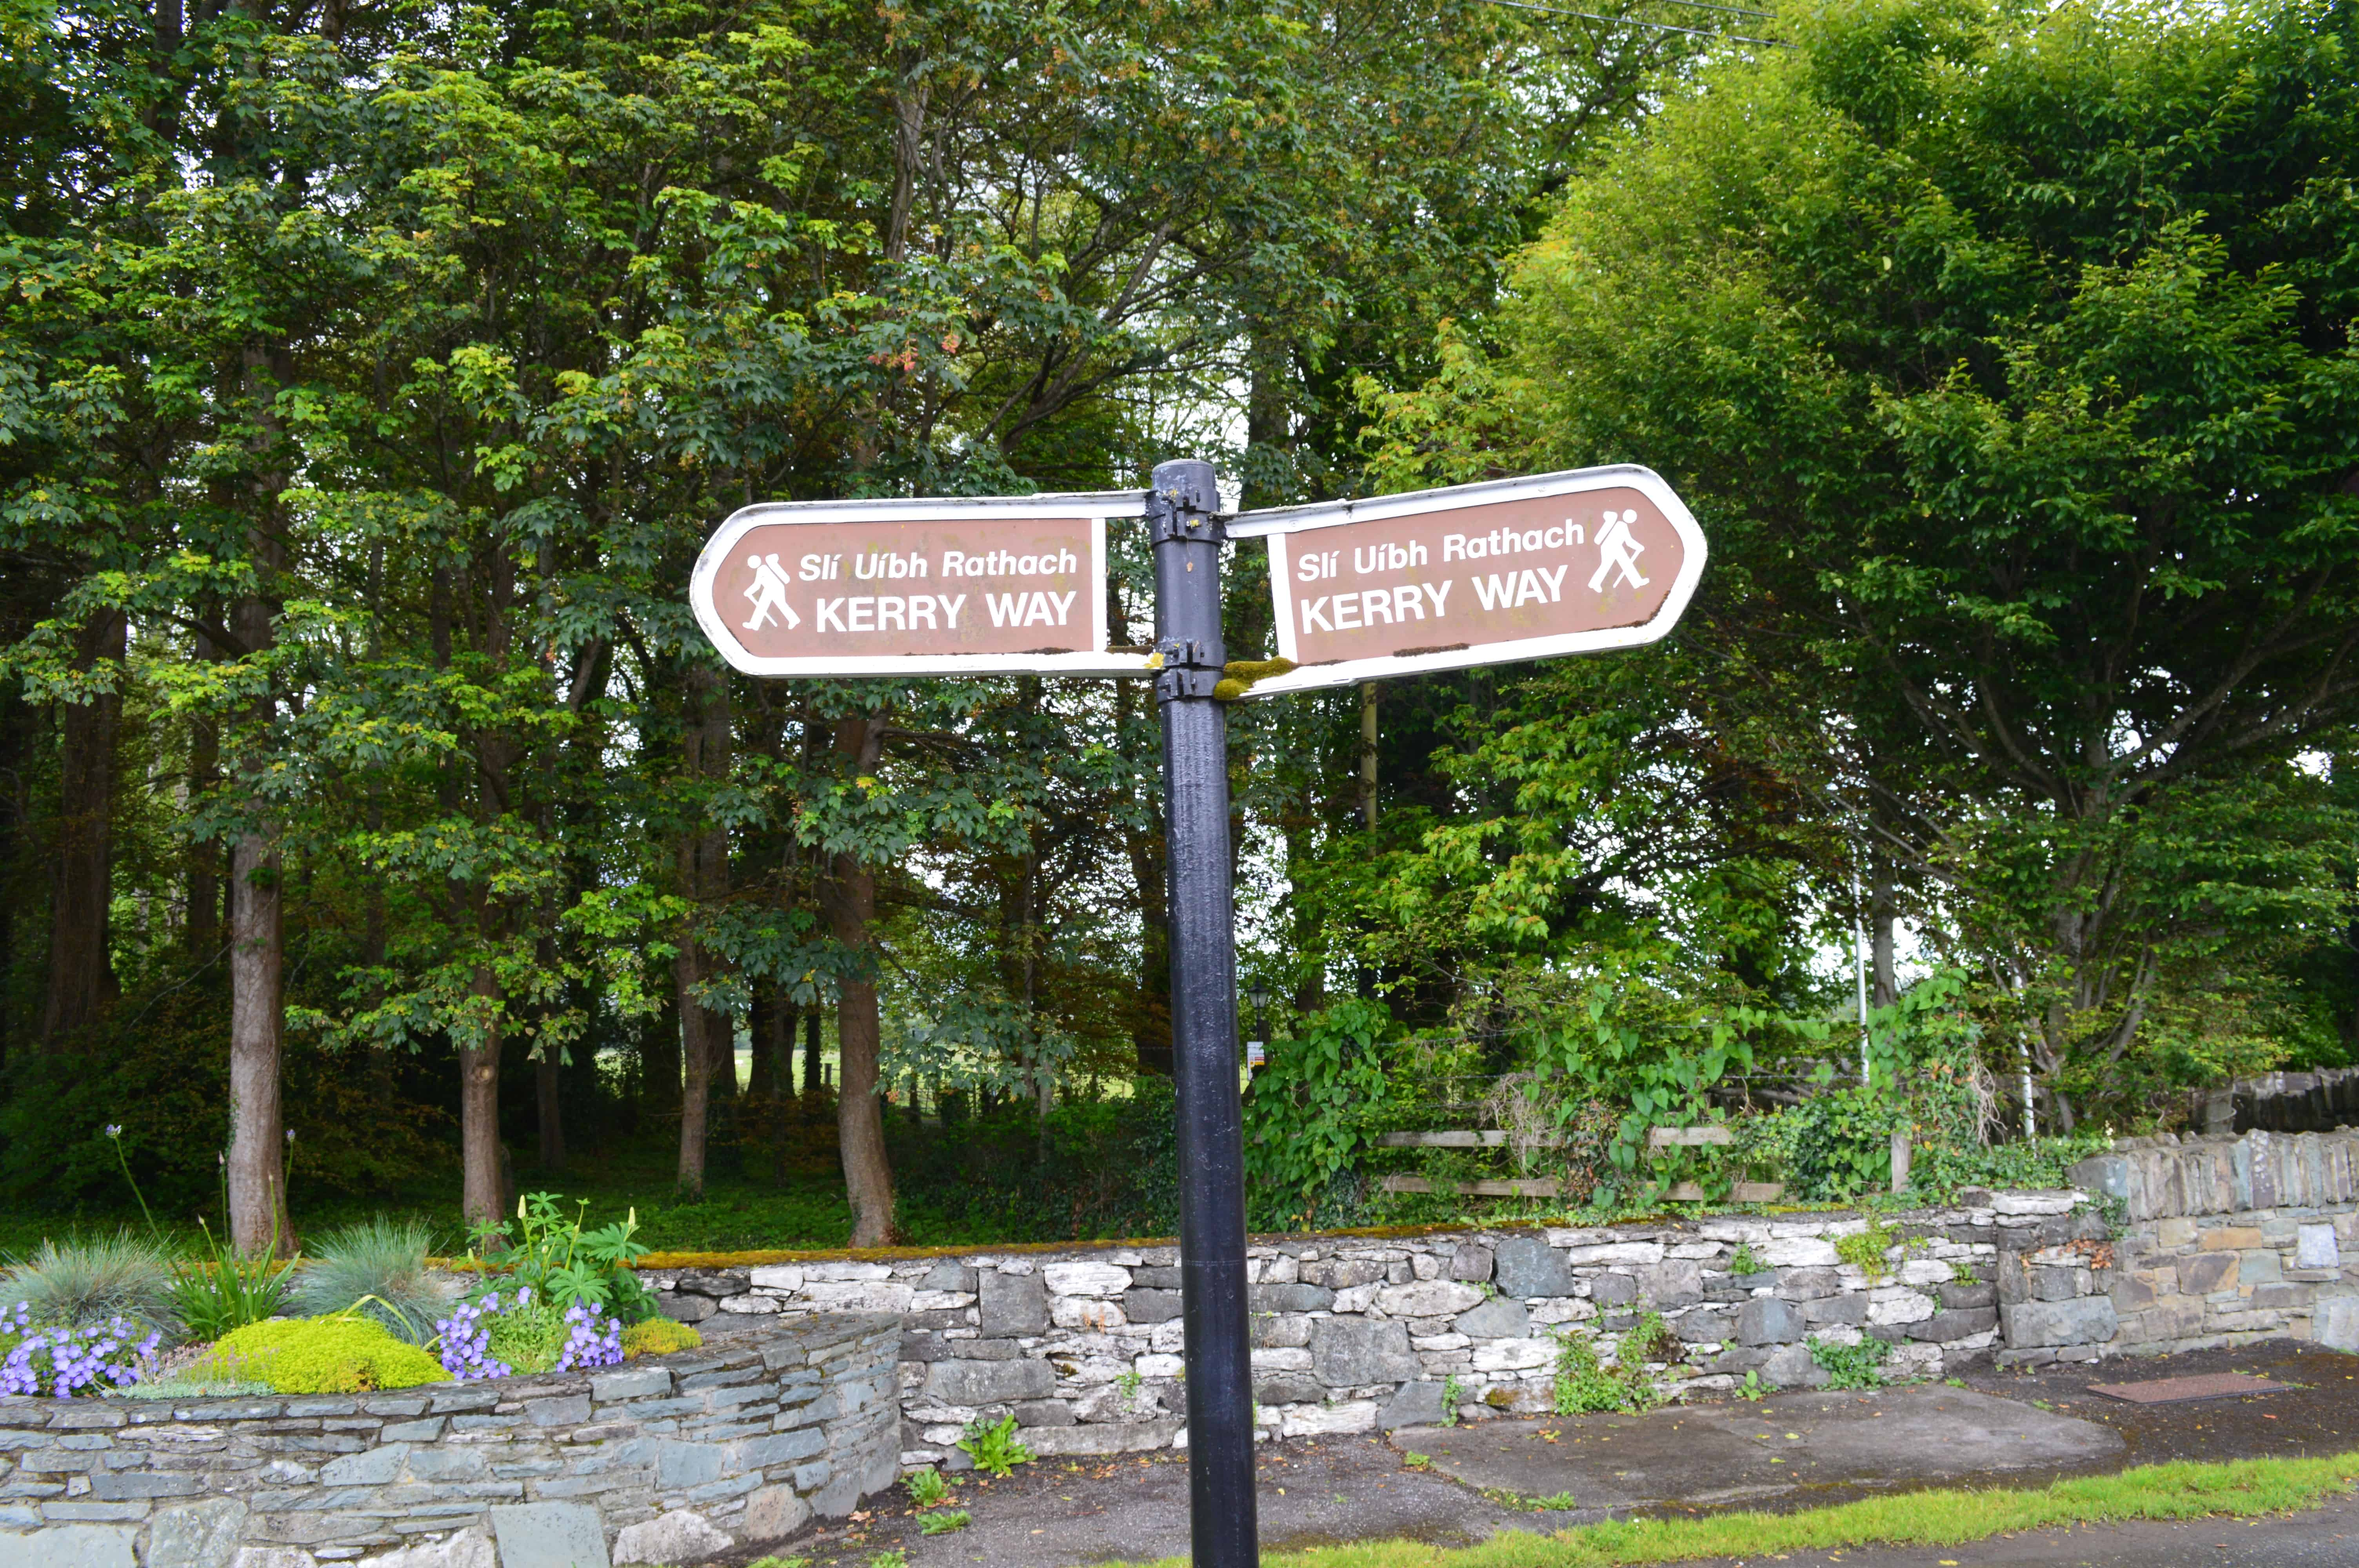 Klein stukje wandelen over de Kerry Way - HappyHikers